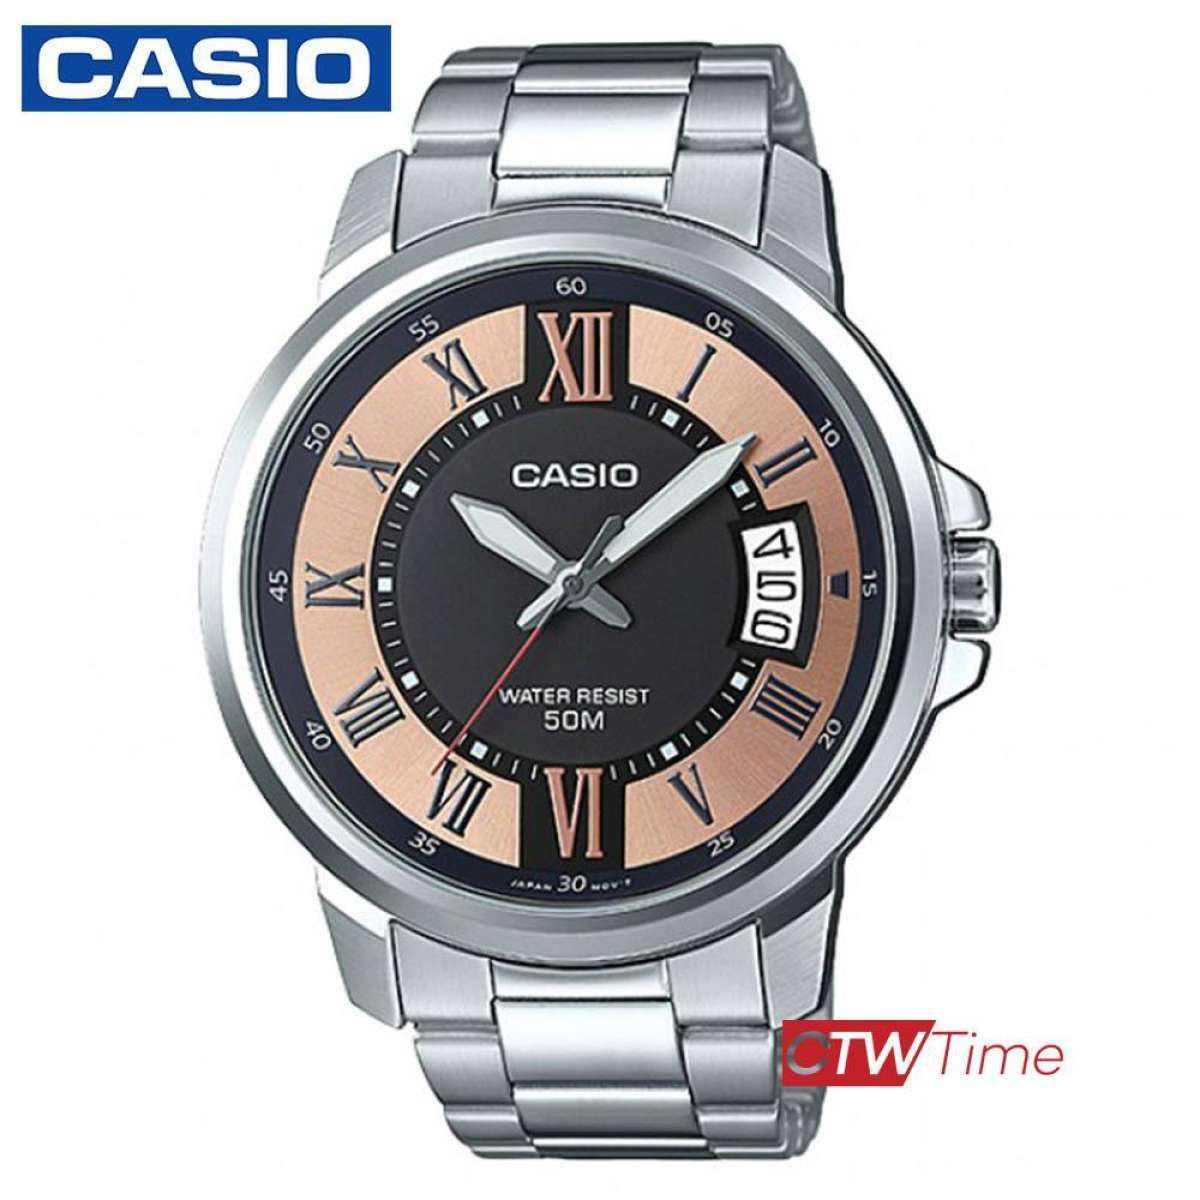 ส่งฟรี !! Casio standard นาฬิกาข้อมือผู้ชาย สายสแตนเลส รุ่น MTP-E130D-1A2VDF (สีพิงค์โกล์) f6Fl